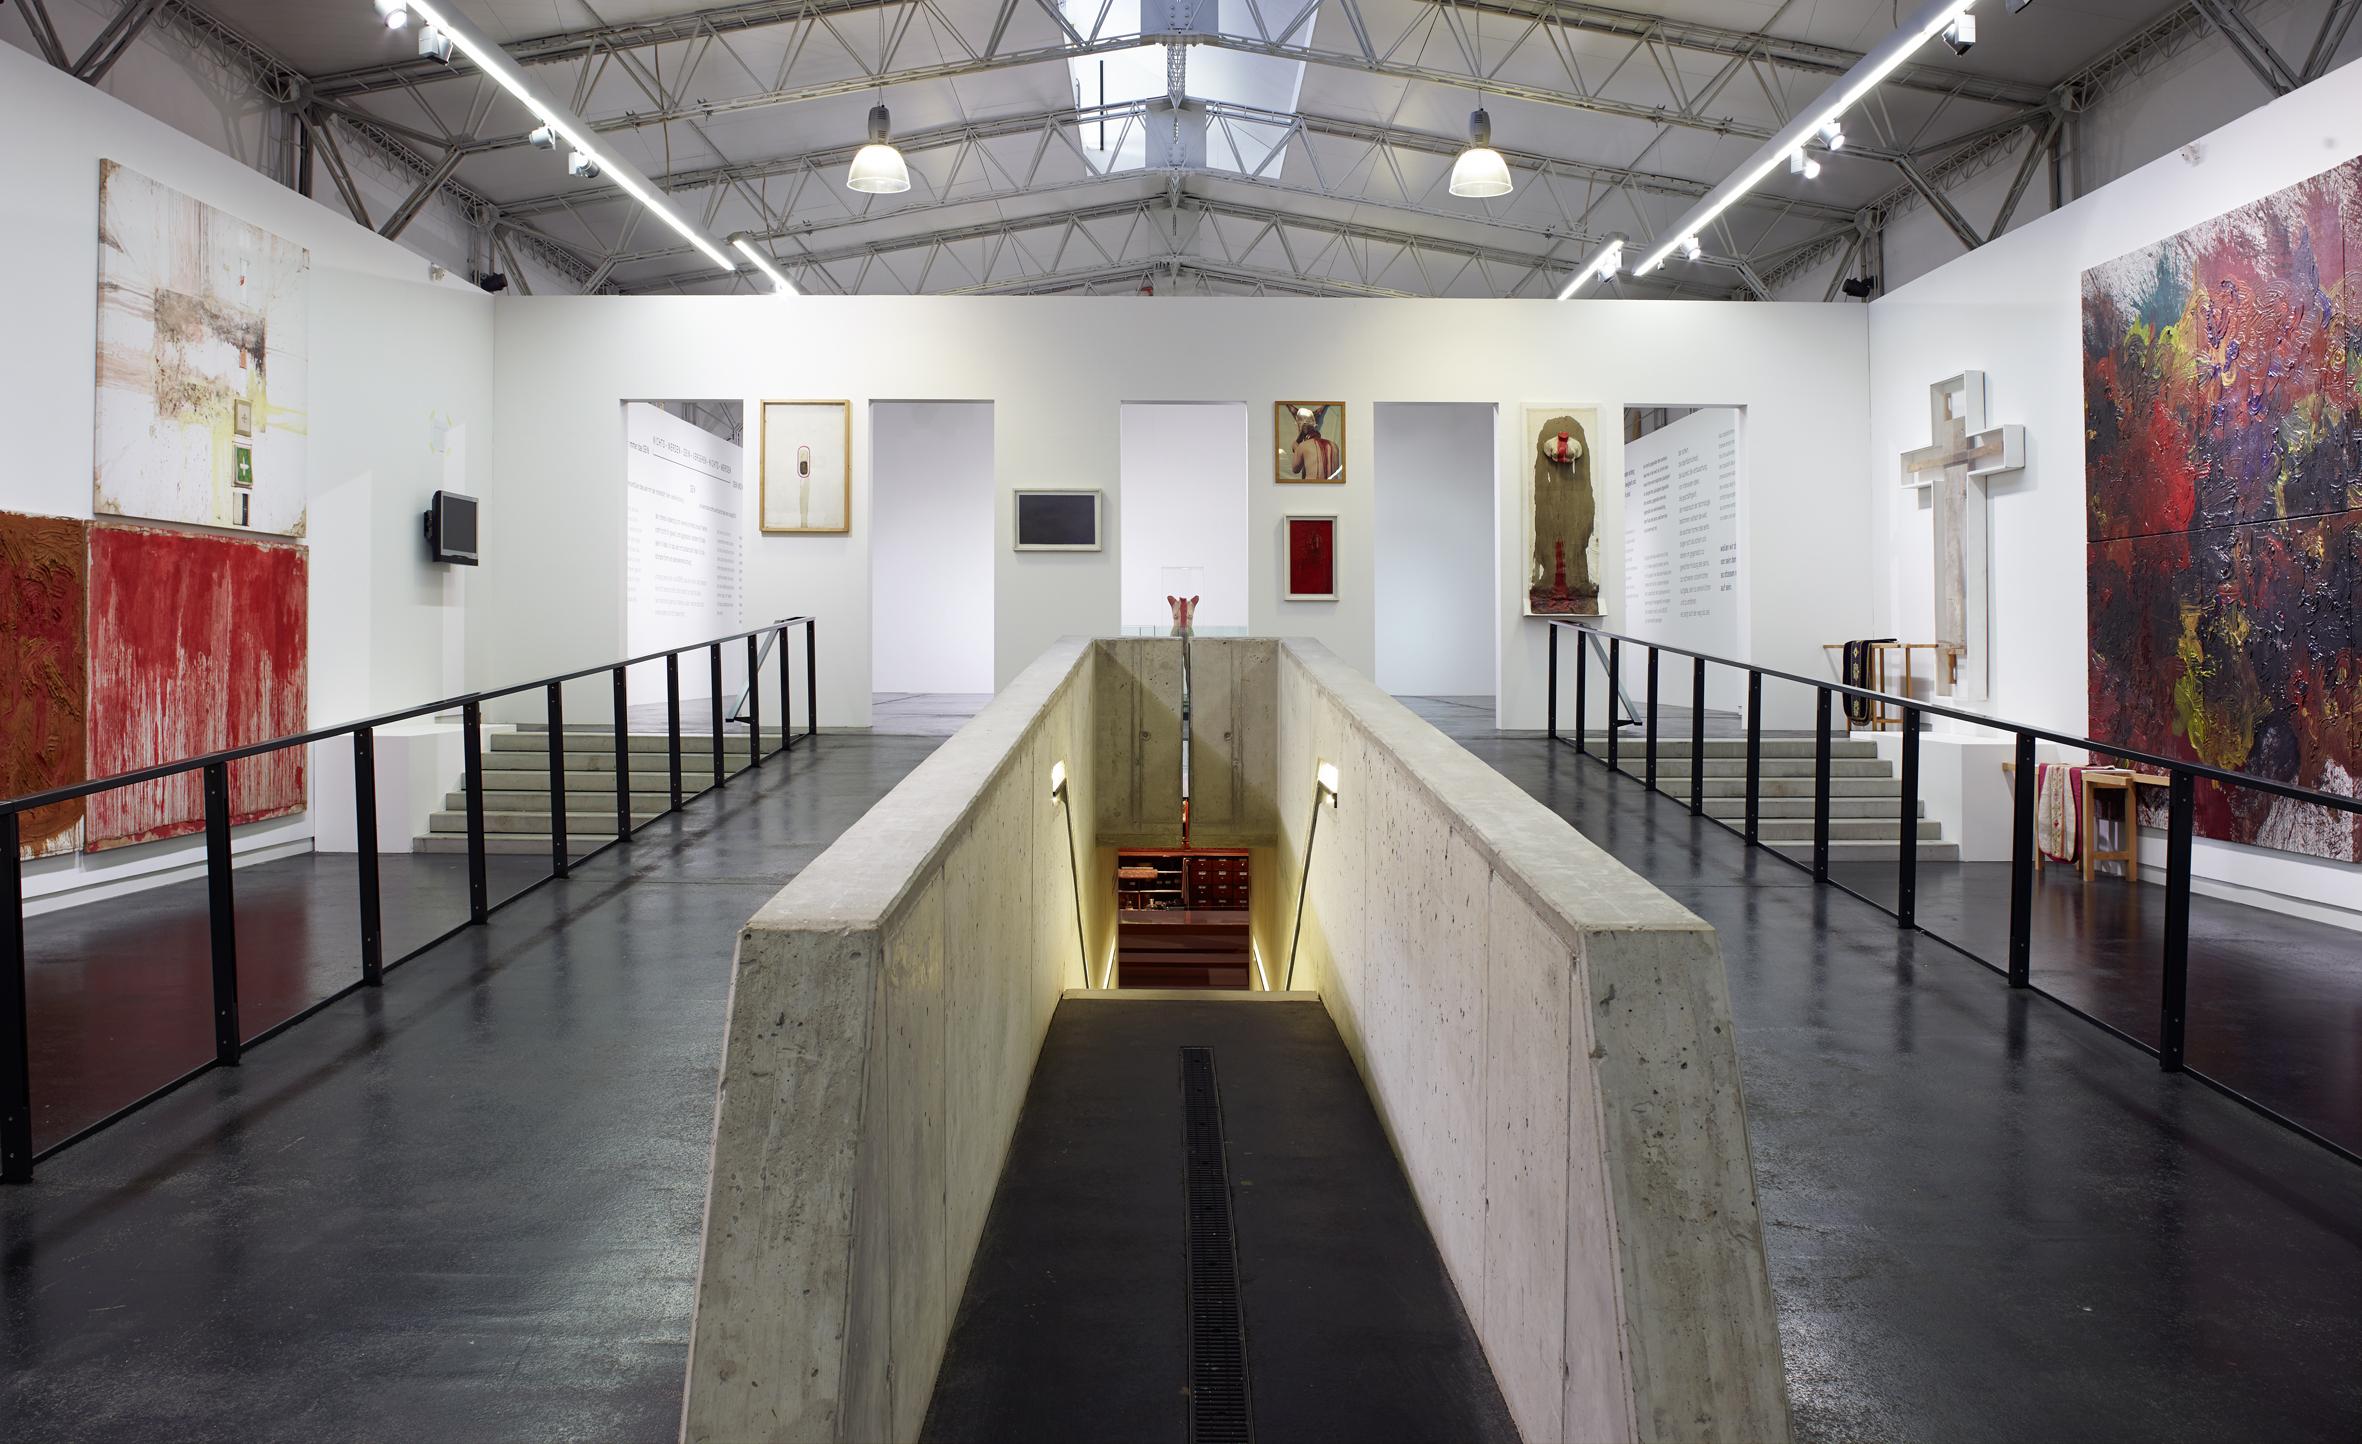 Retrospektive_Sinne und Sein_nitsch museum 2013, Foto Manfred Thumberger